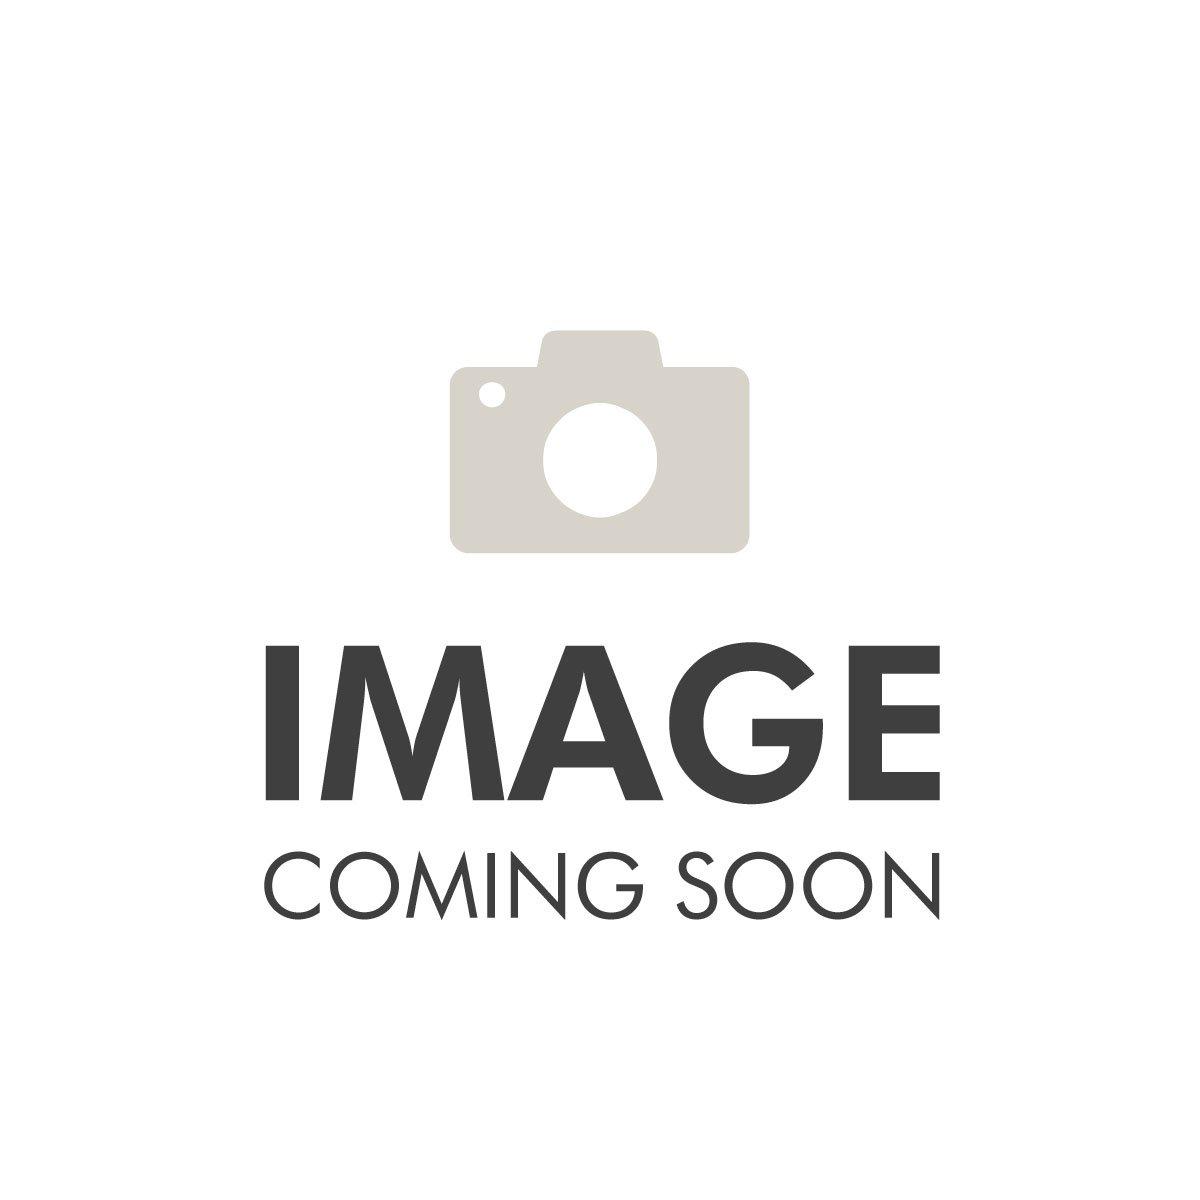 Calvin Klein Eternity 200ml Luxurious Body Lotion